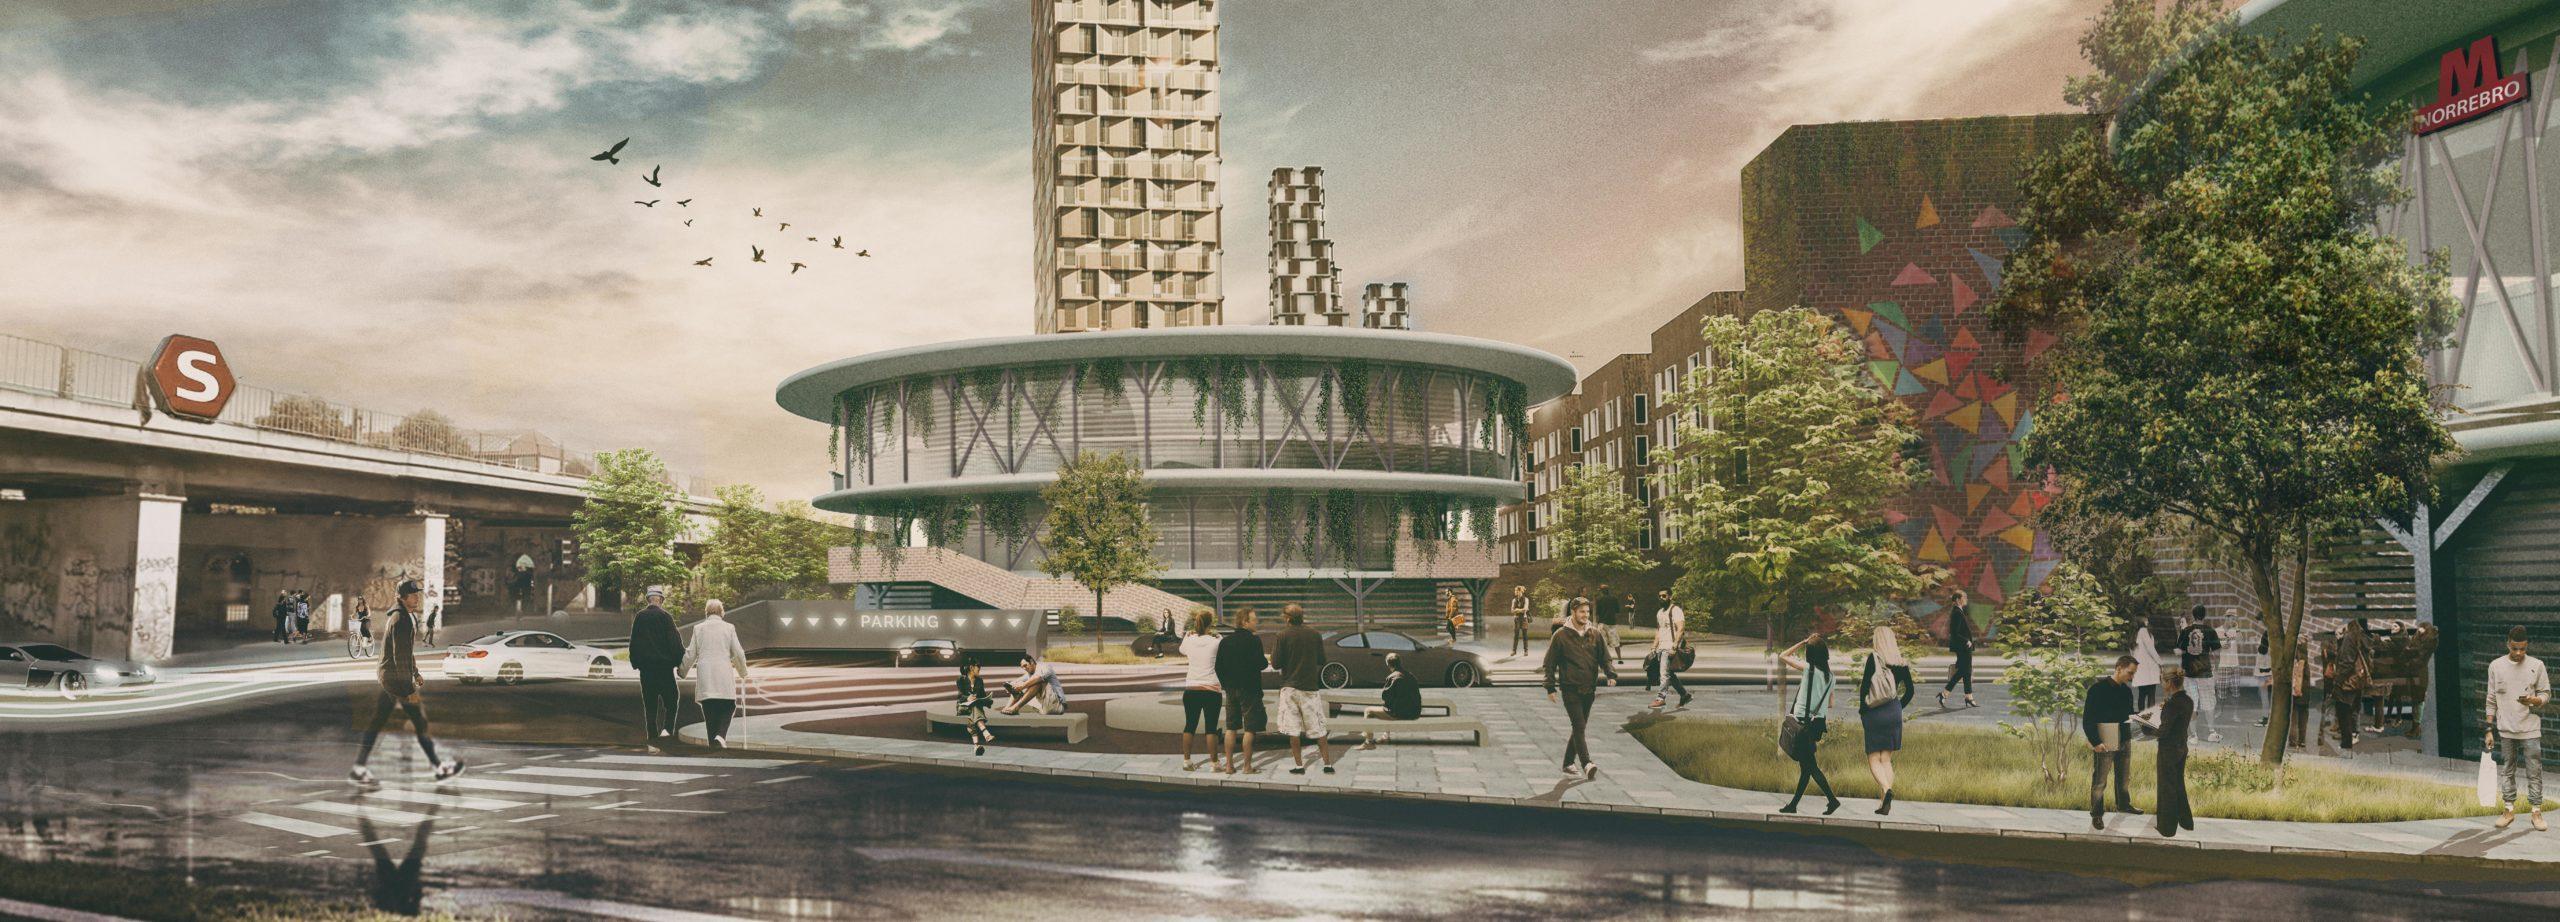 Nørrebro Hub Parking circle